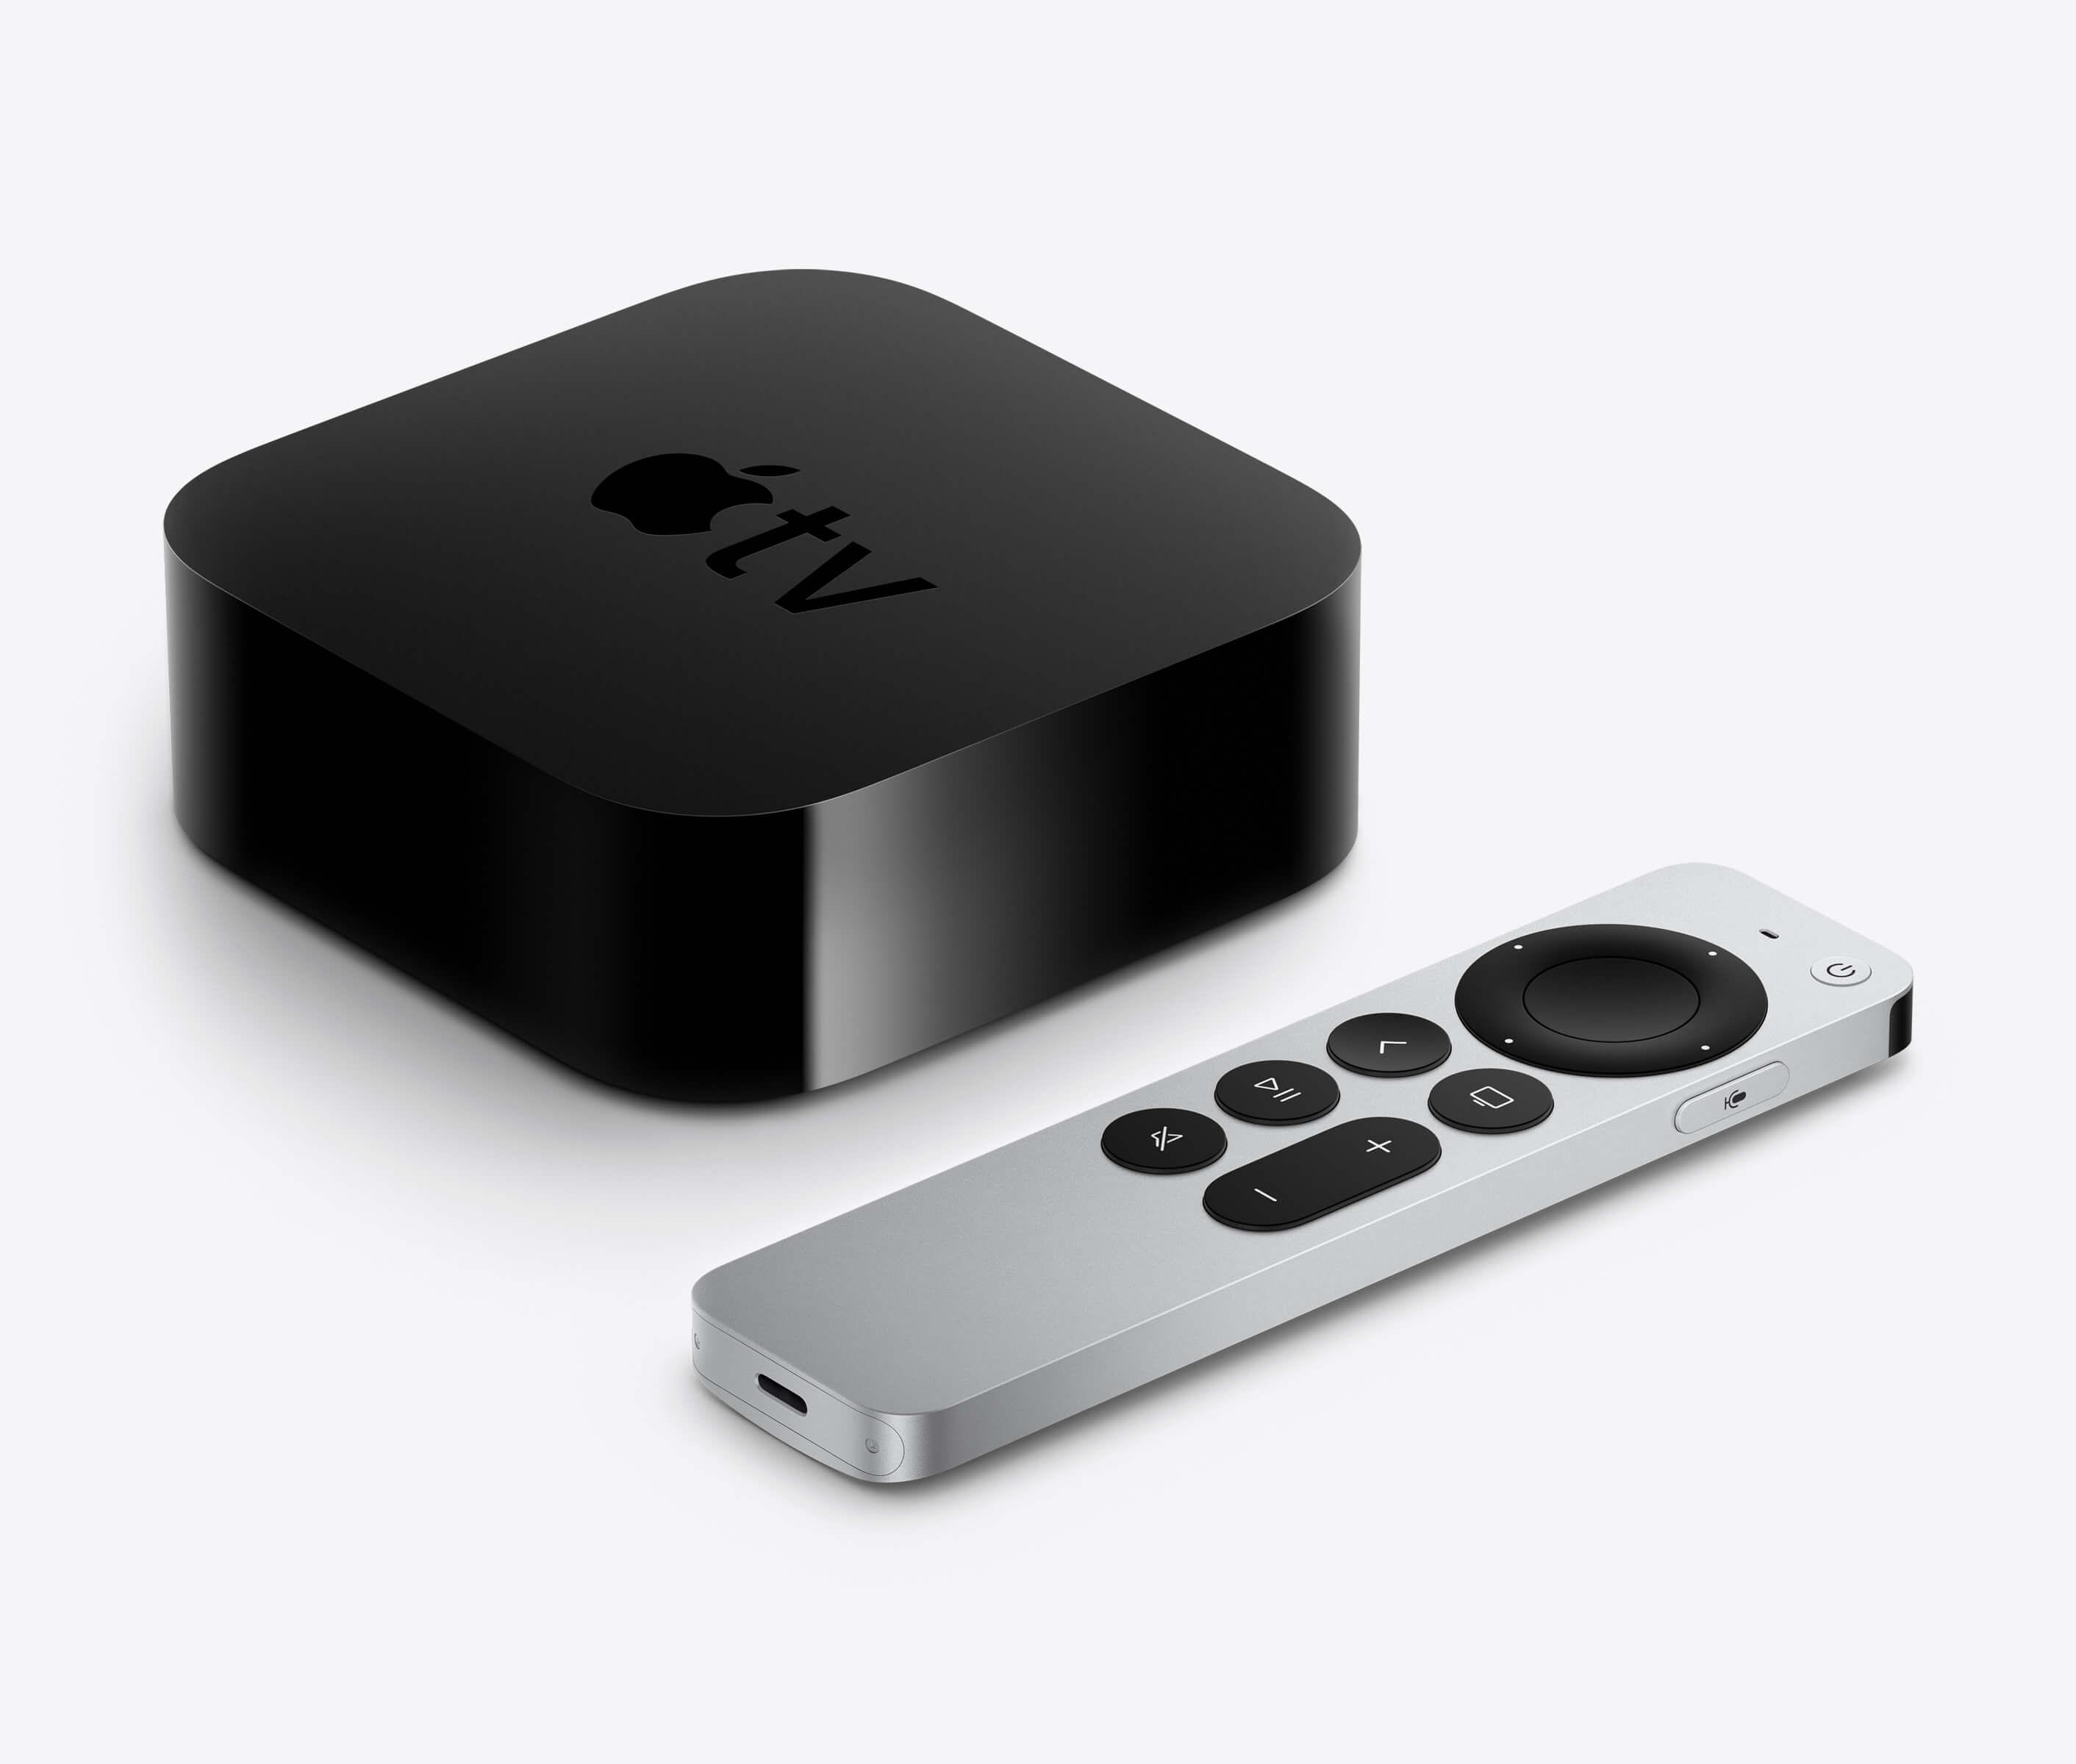 Стоит ли покупать приставку Apple TV 4K 2021